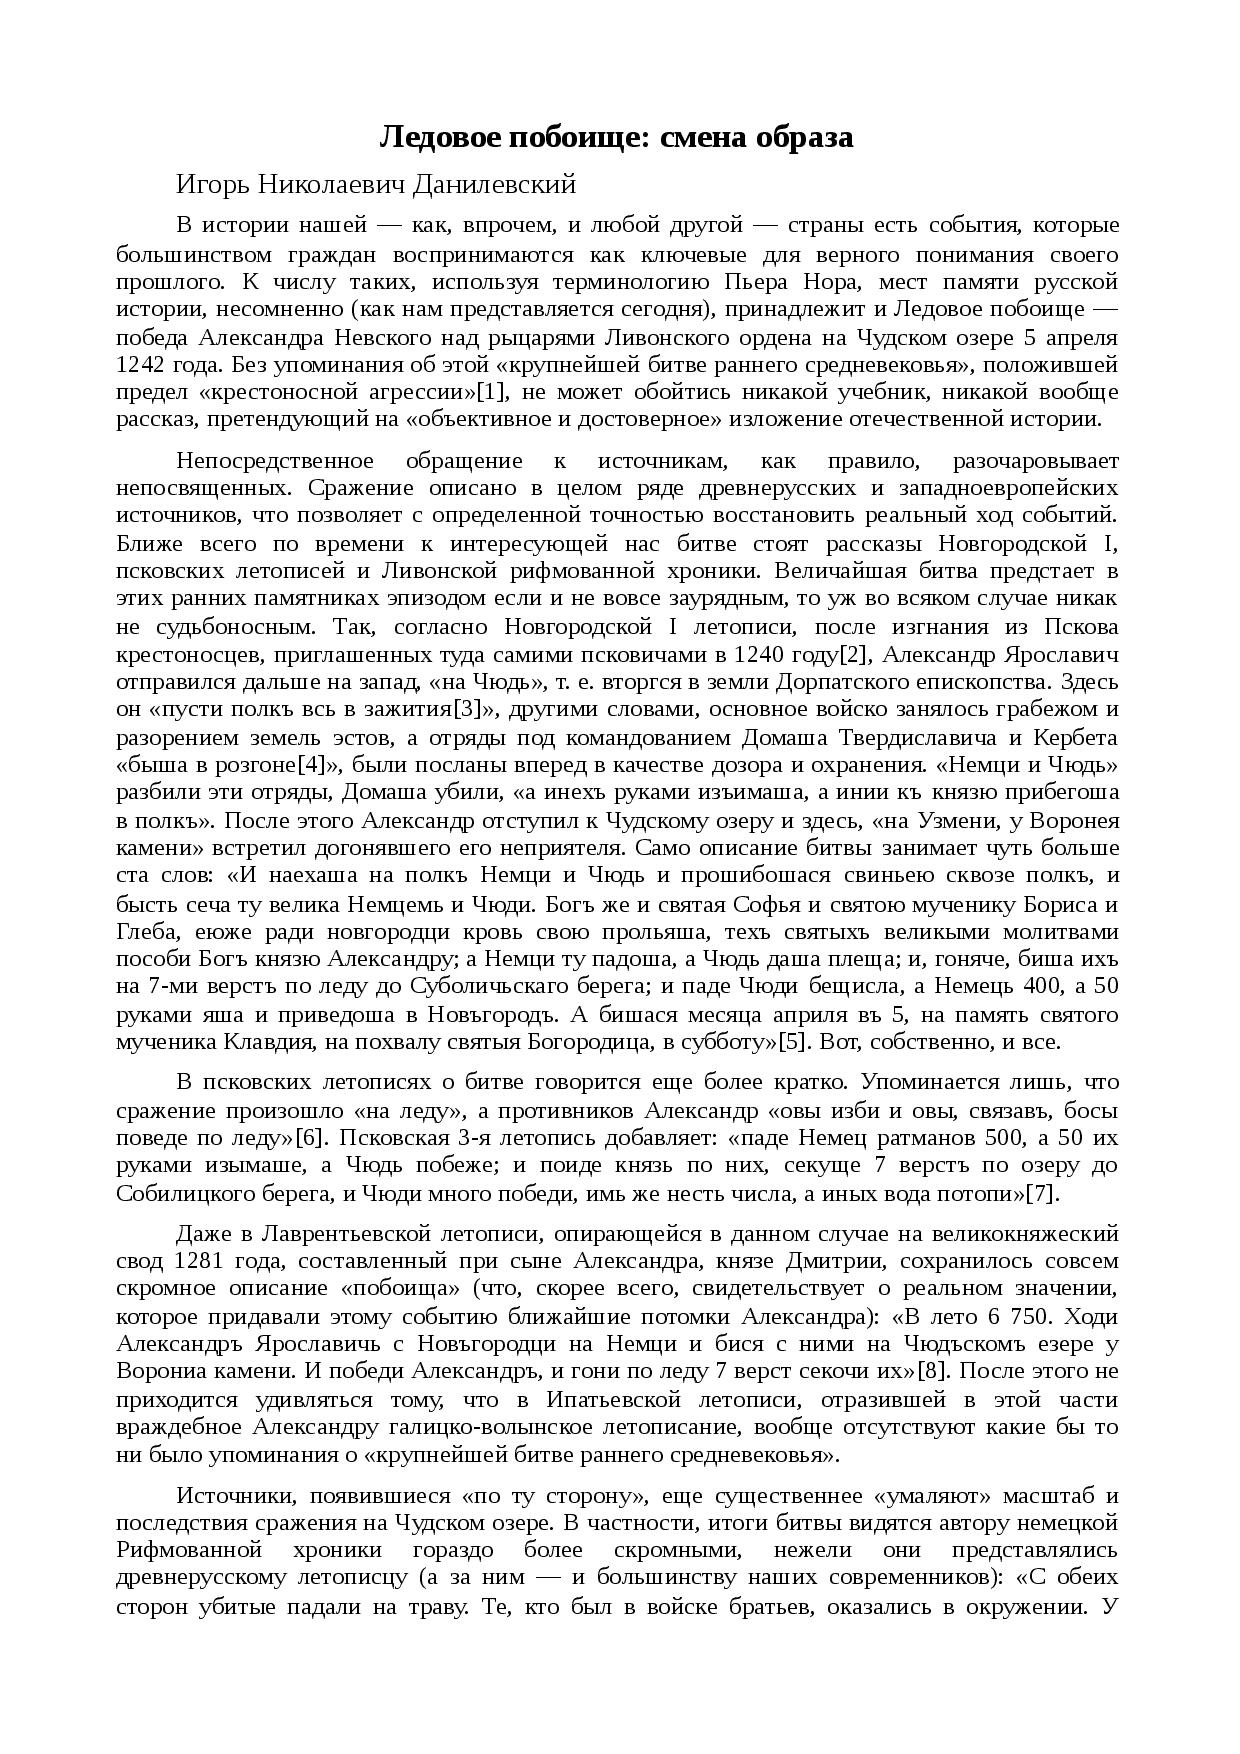 1240 год событие на руси